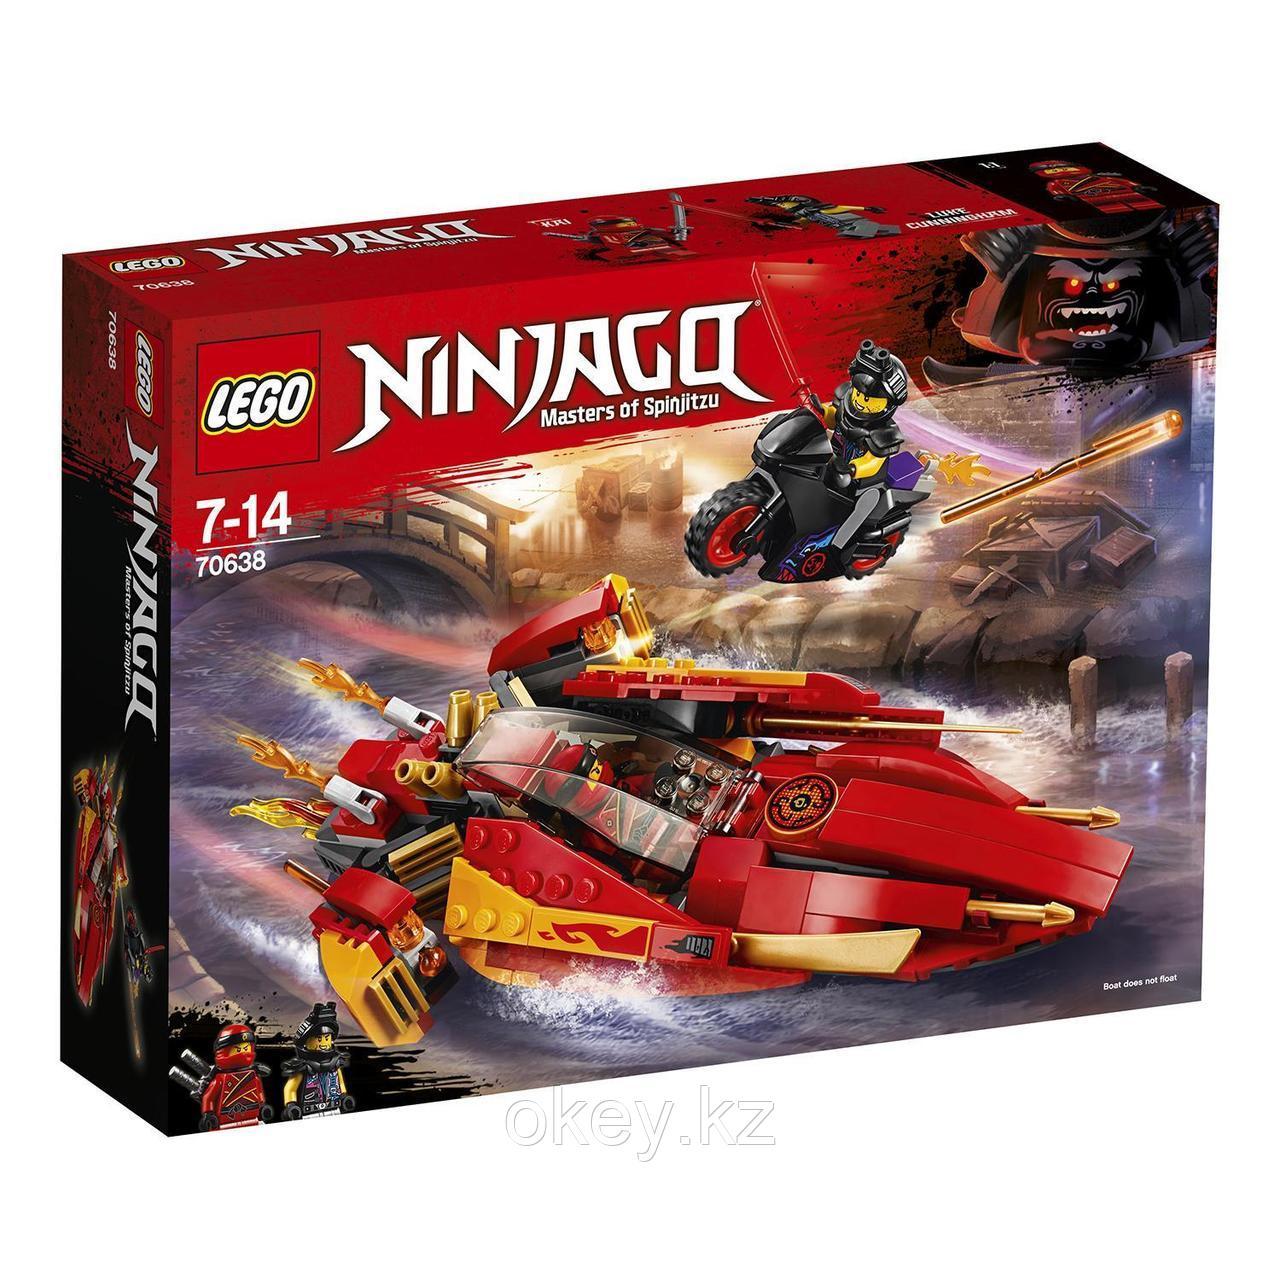 LEGO Ninjago: Катана V11 70638